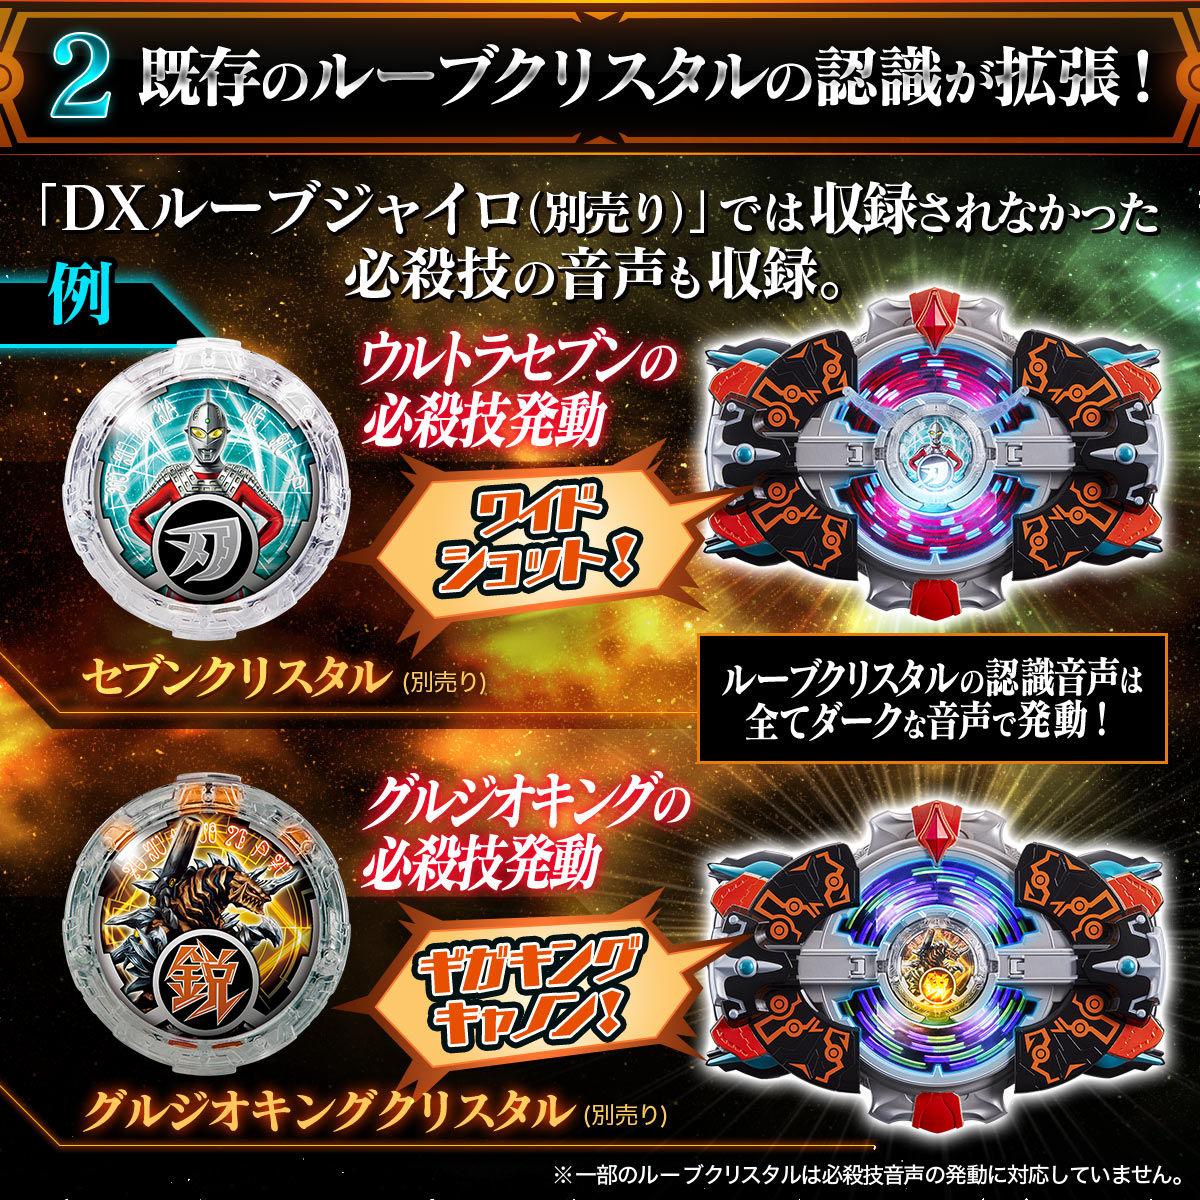 ウルトラマンR/B『DXルーブジャイロ ―美剣サキ仕様―』変身なりきり-004